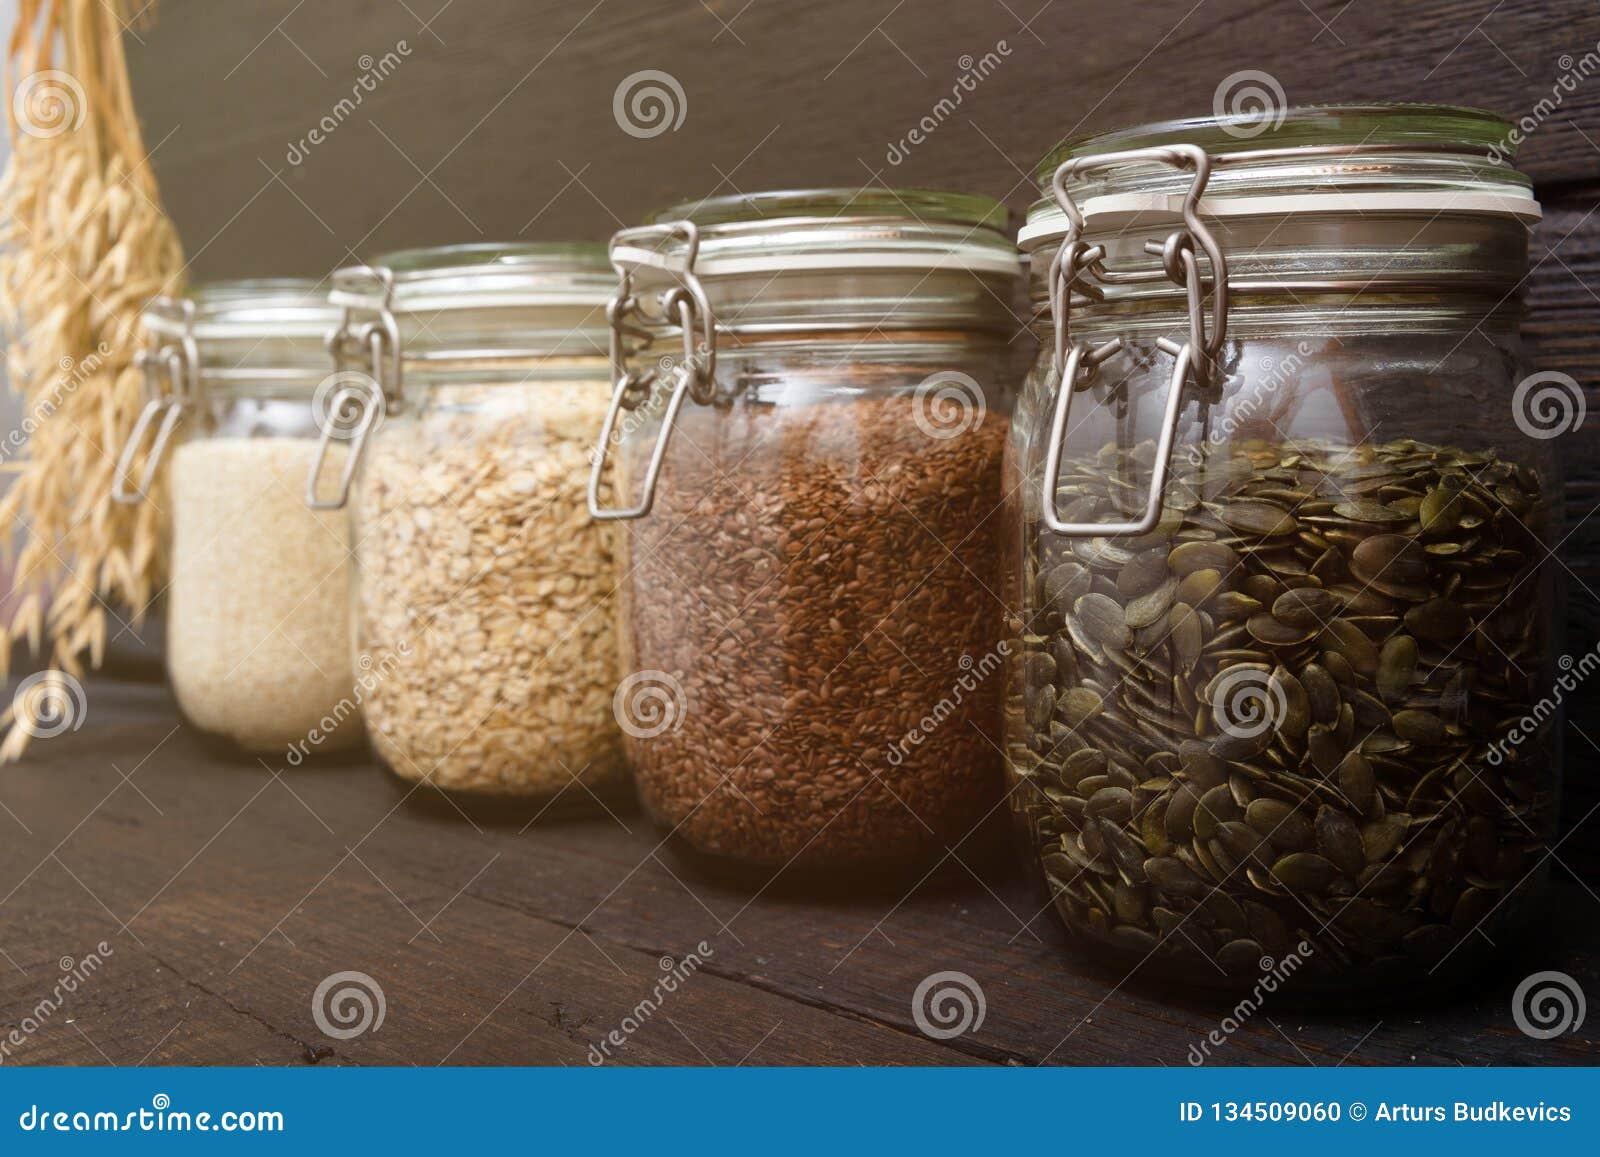 Various seeds in storage jars in pantry, dark wooden background. Smart kitchen organization